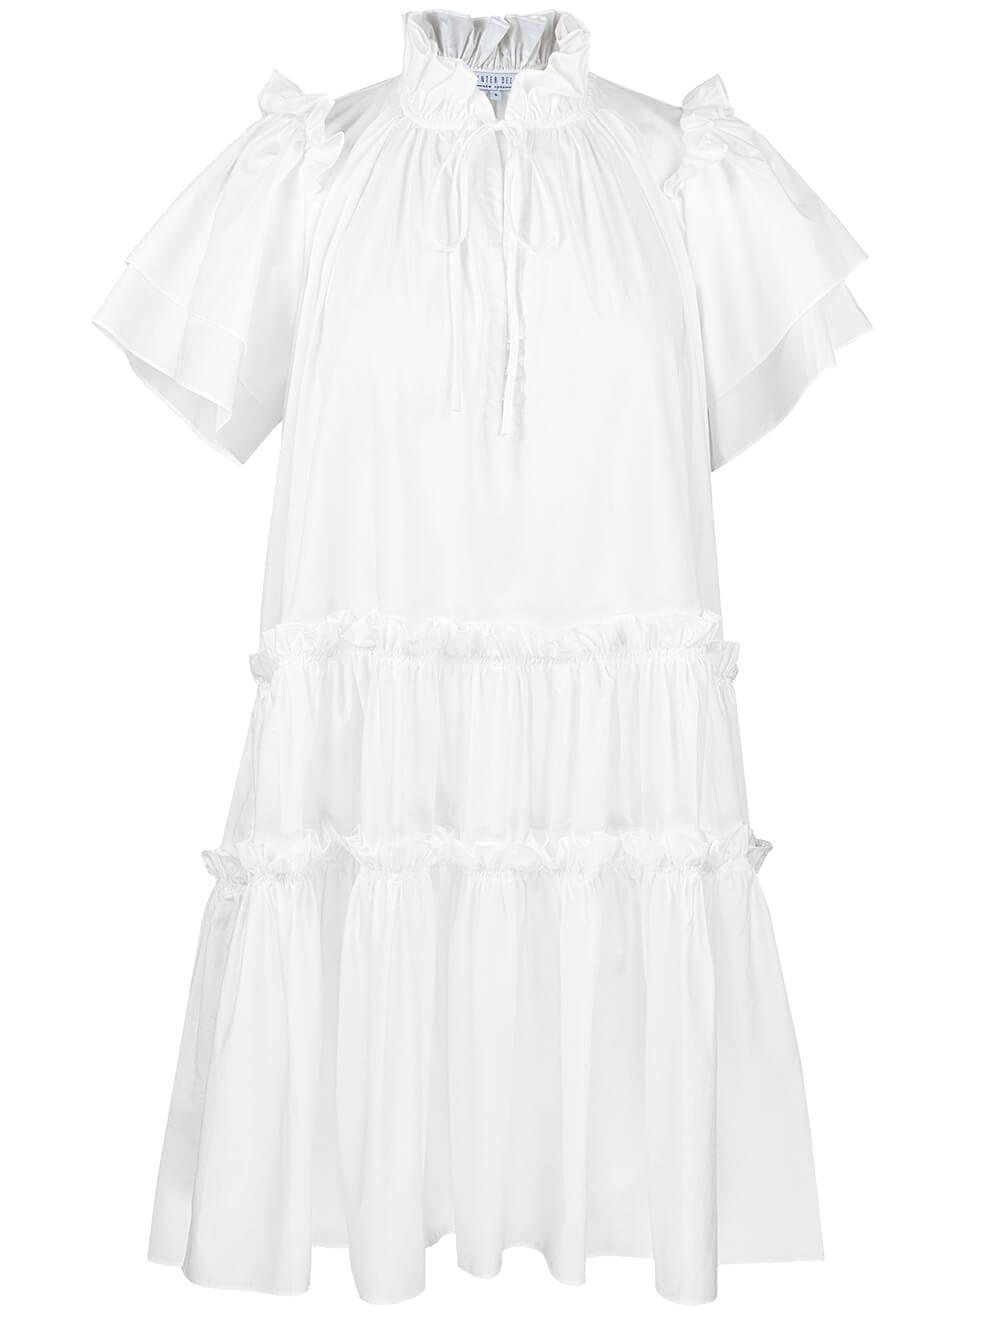 Merritt Tiered Cotton Dress